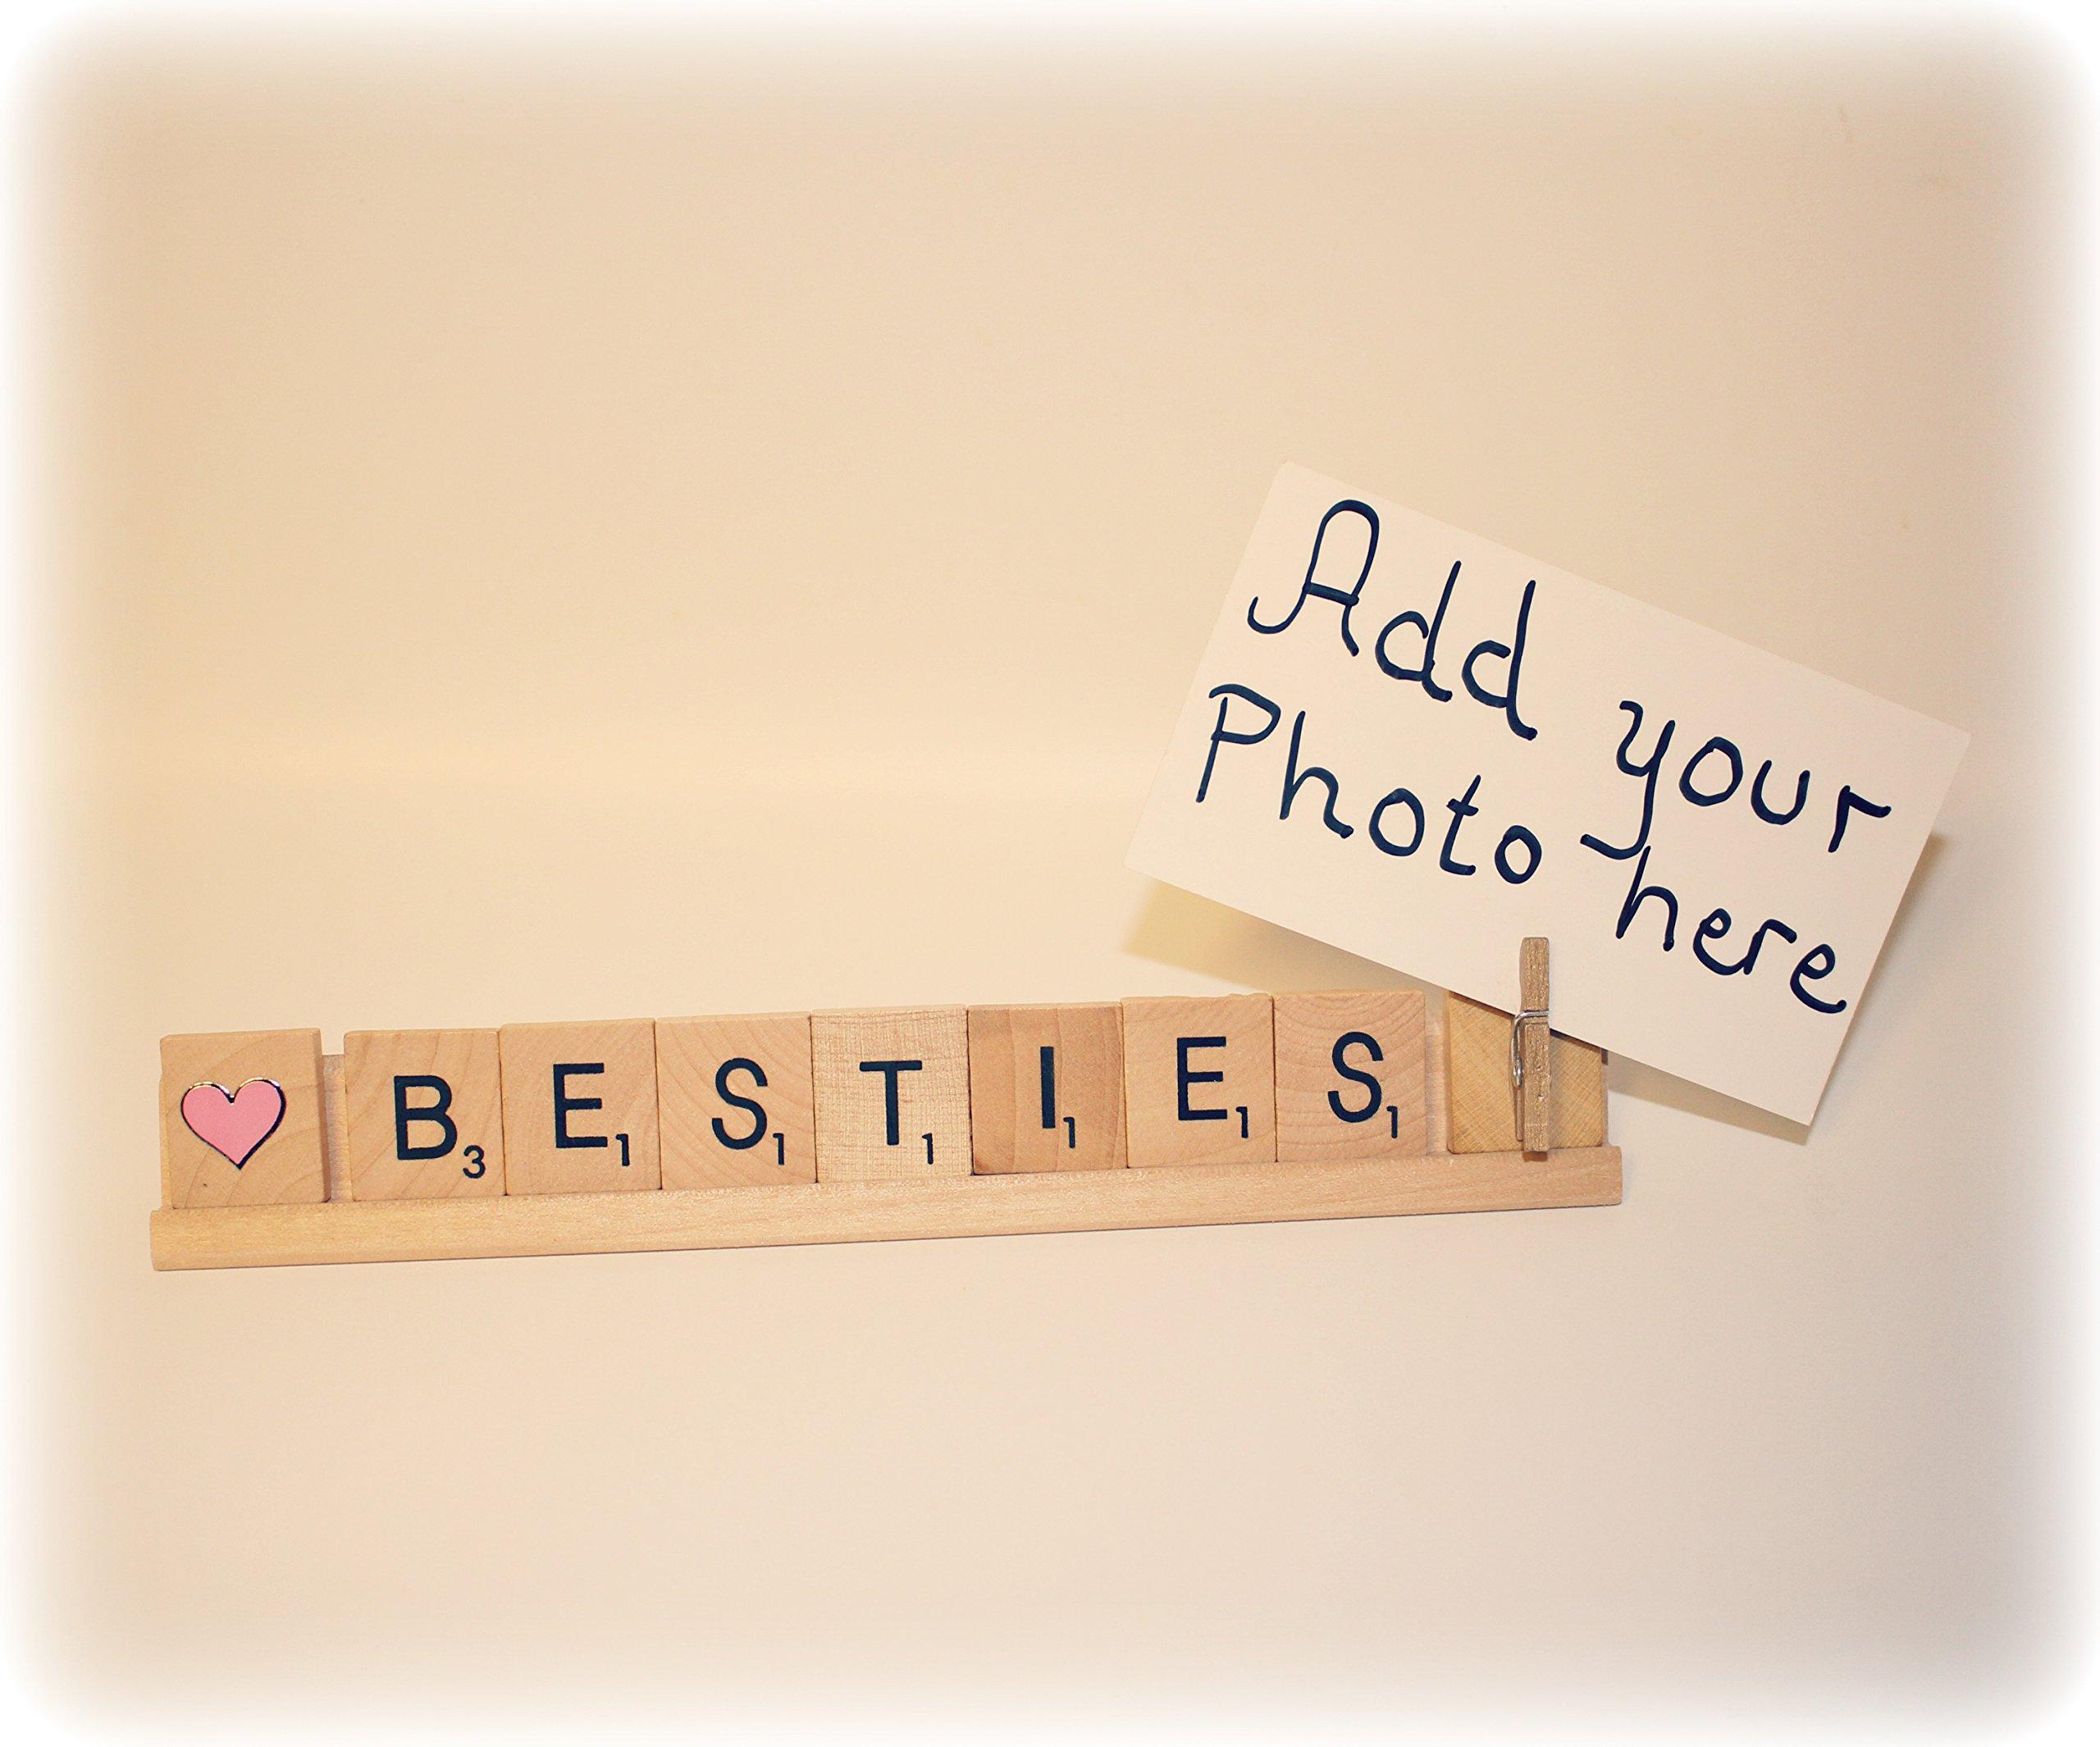 Bestie Photo Holder, Bestie Photo Frame, Bestie Frame, Bestie Gift, Best Friend Gift, Best Friend Frame, Best Friend Photo Holder